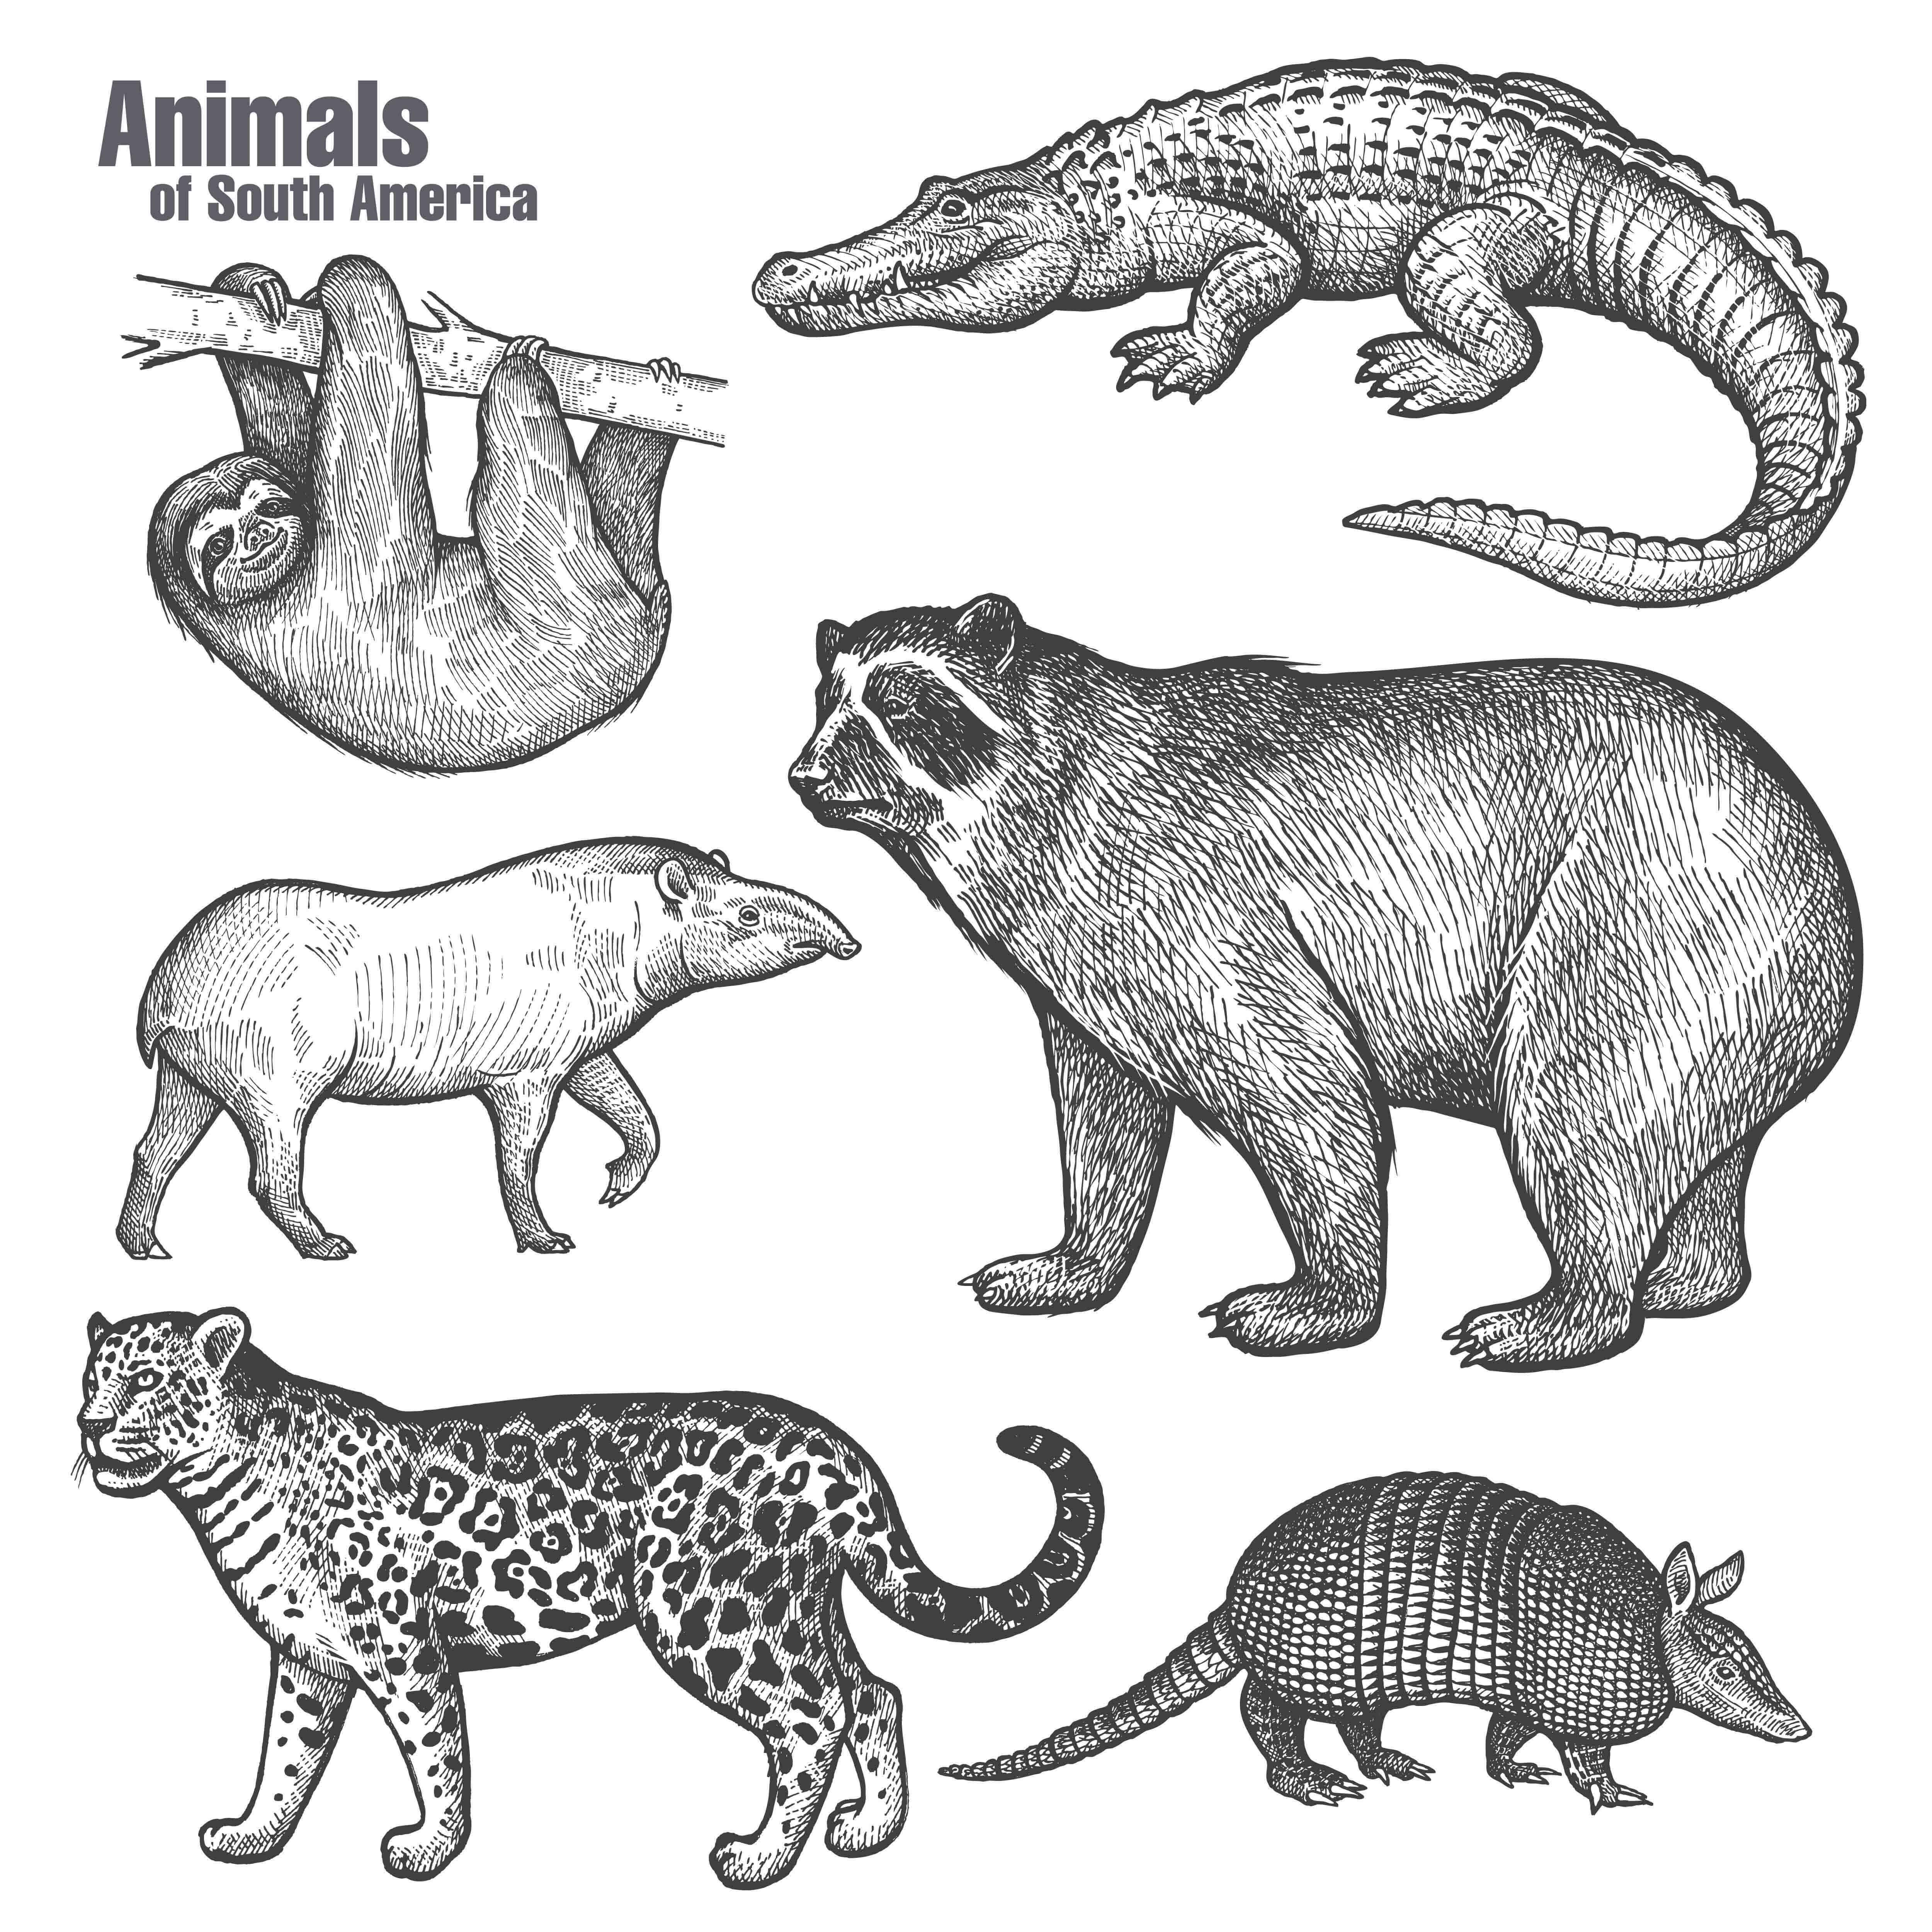 alcuni animali del sudamerica disegnati